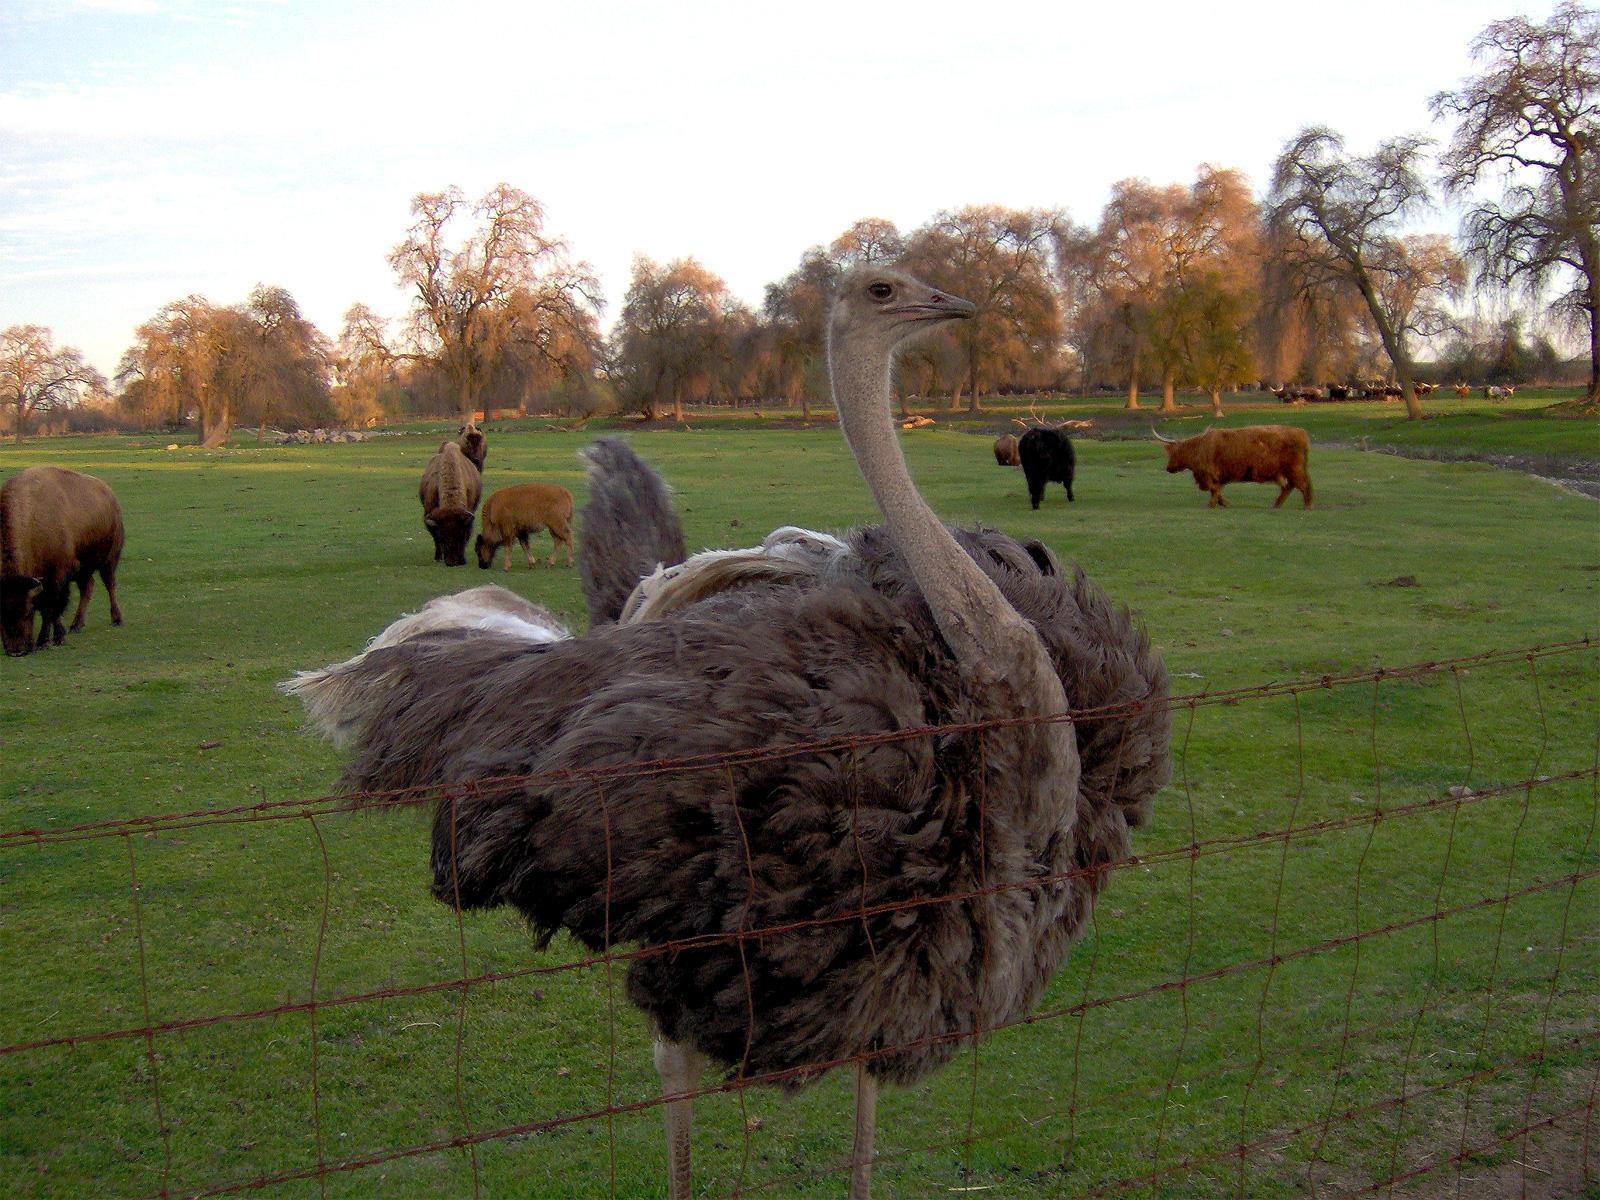 birds desert ostrich hd - photo #40